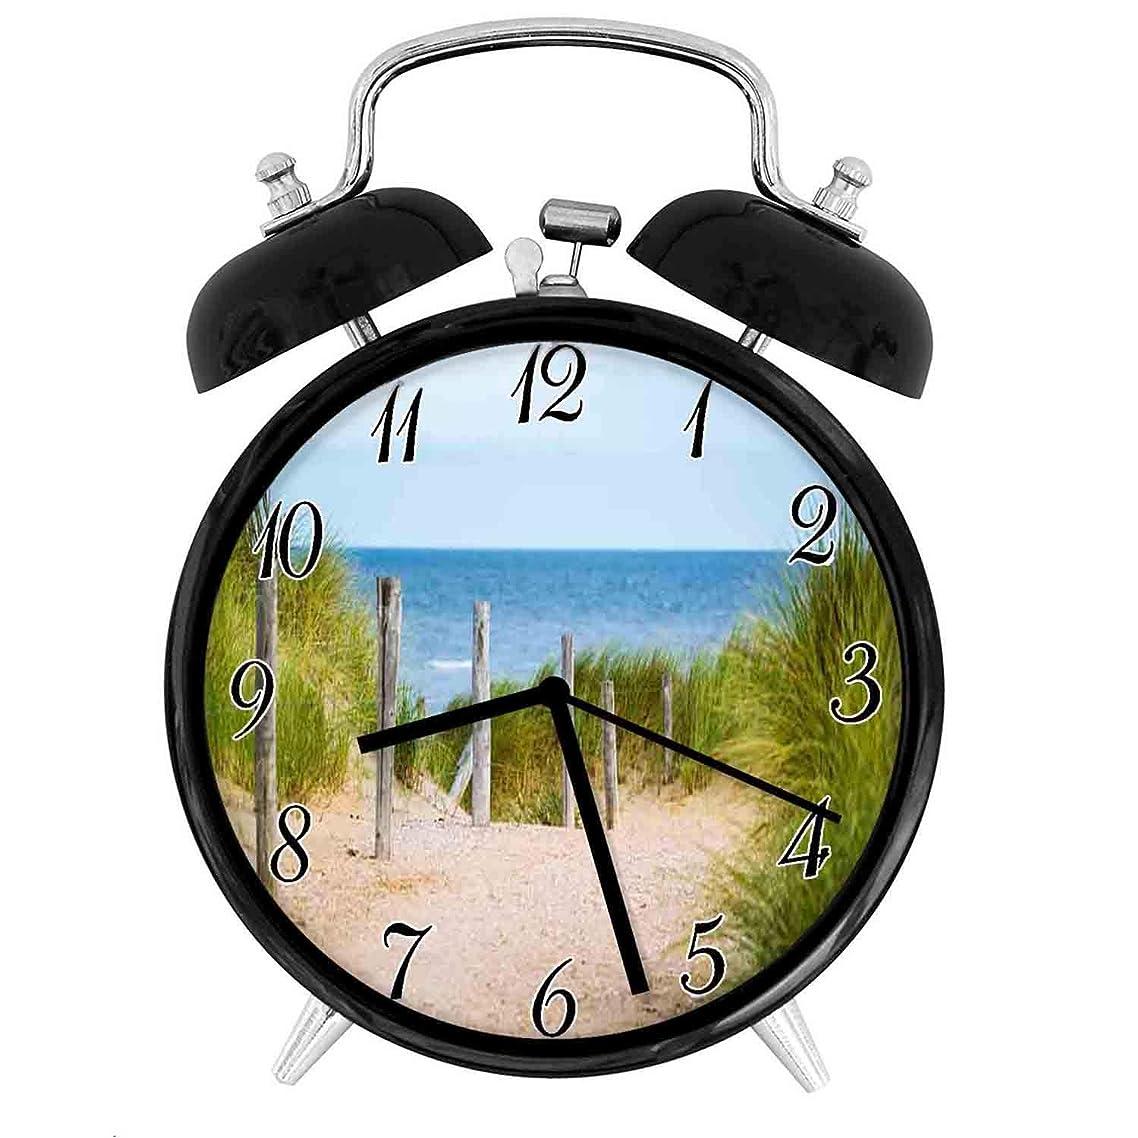 薄 海 フェンス - スタイリッシュなダブルベルの目覚まし時計 - 3.8インチ、騒音無し、柔らかい夜の光、レトロでスタイリッシュなデザイン、各部屋を飾ります